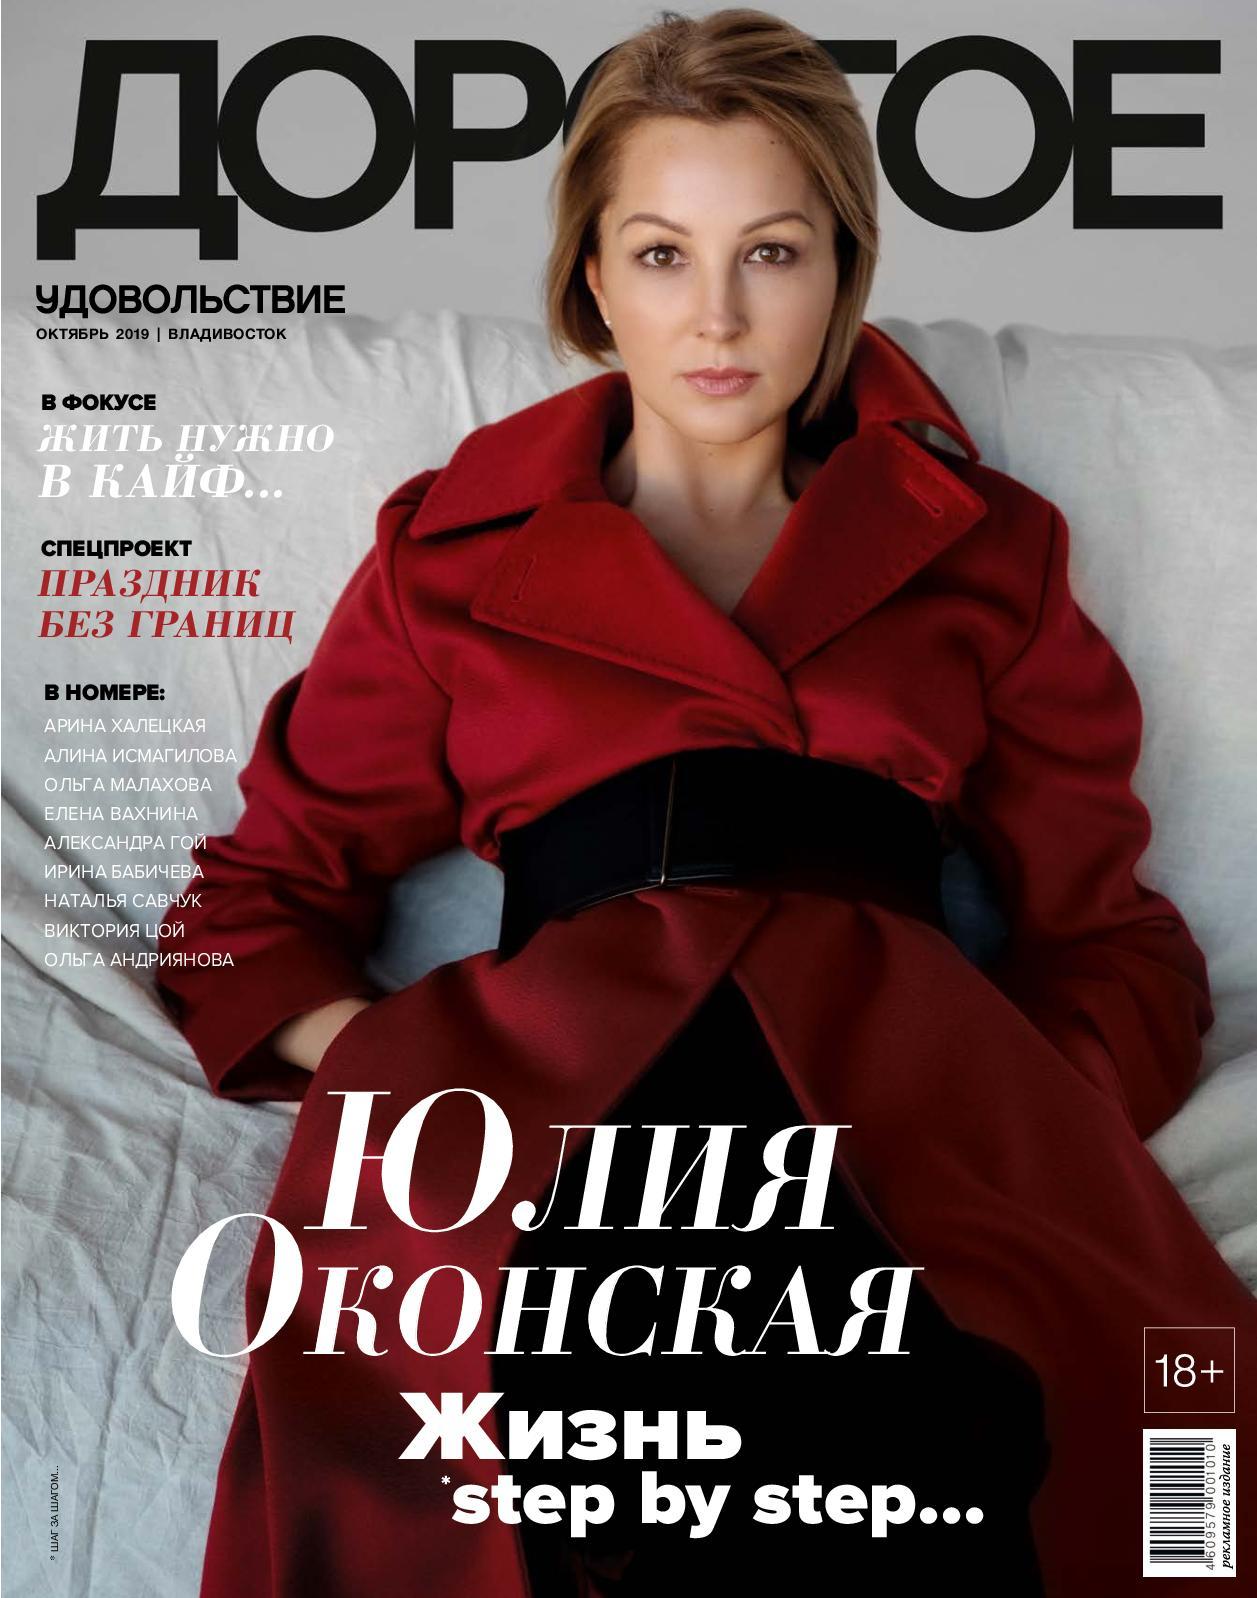 Соблазнительная Евгения Осипова В Красном Платье – Пока Бьётся Сердце (2020)